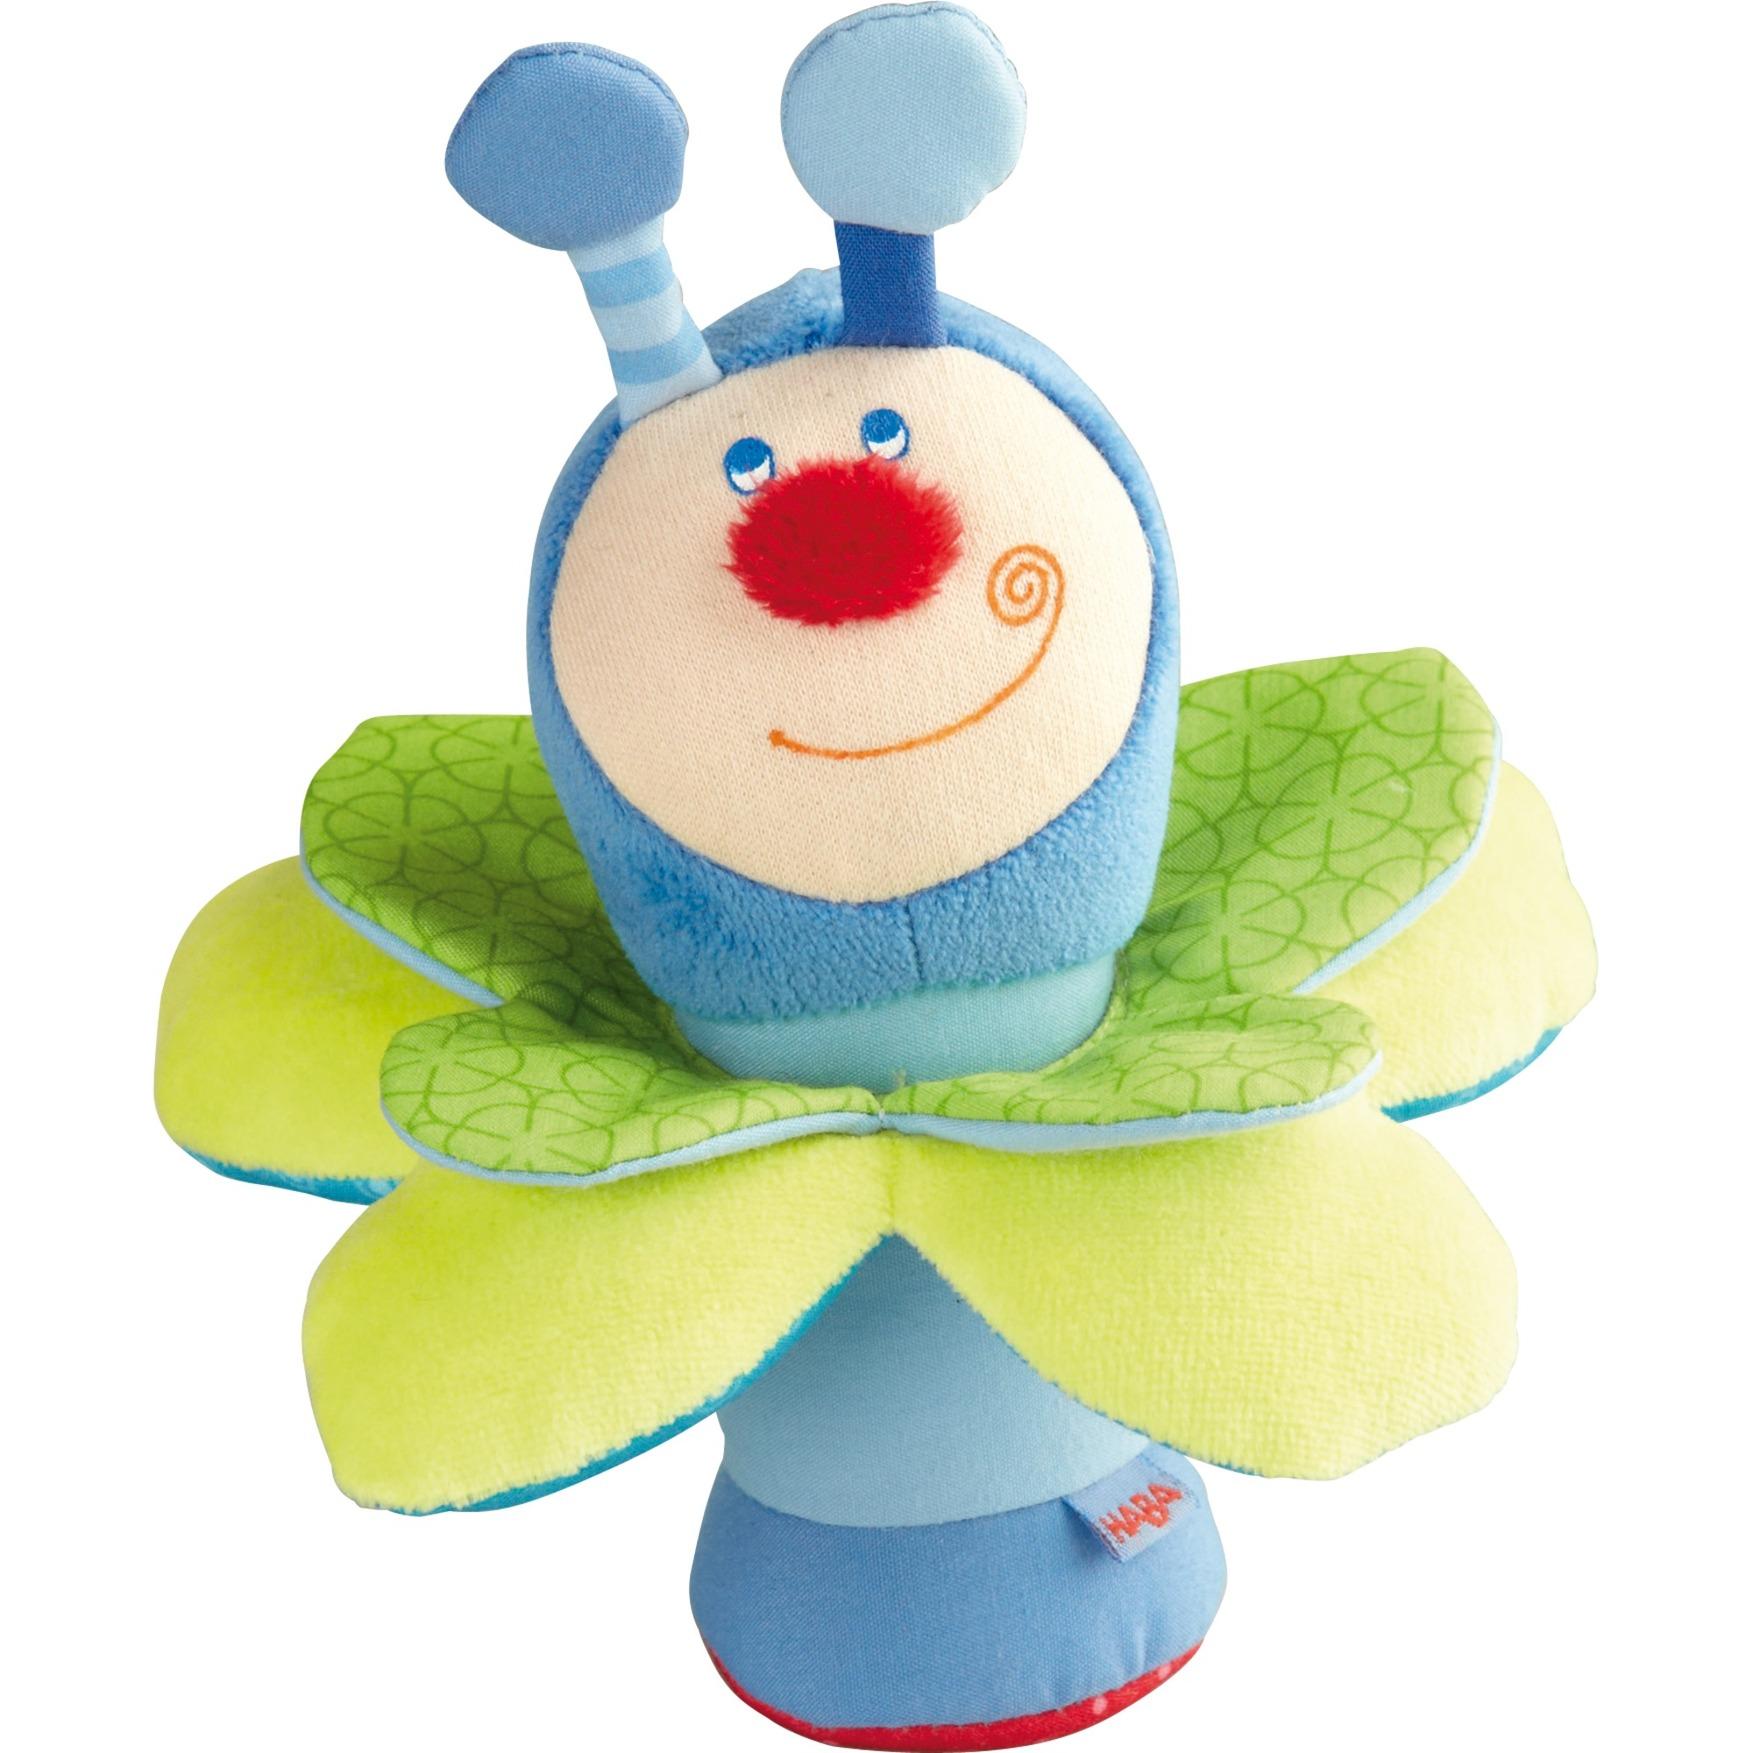 002148 Escarabajo de juguete Algodón, Poliéster Multicolor juguete de peluche, Juego de destreza